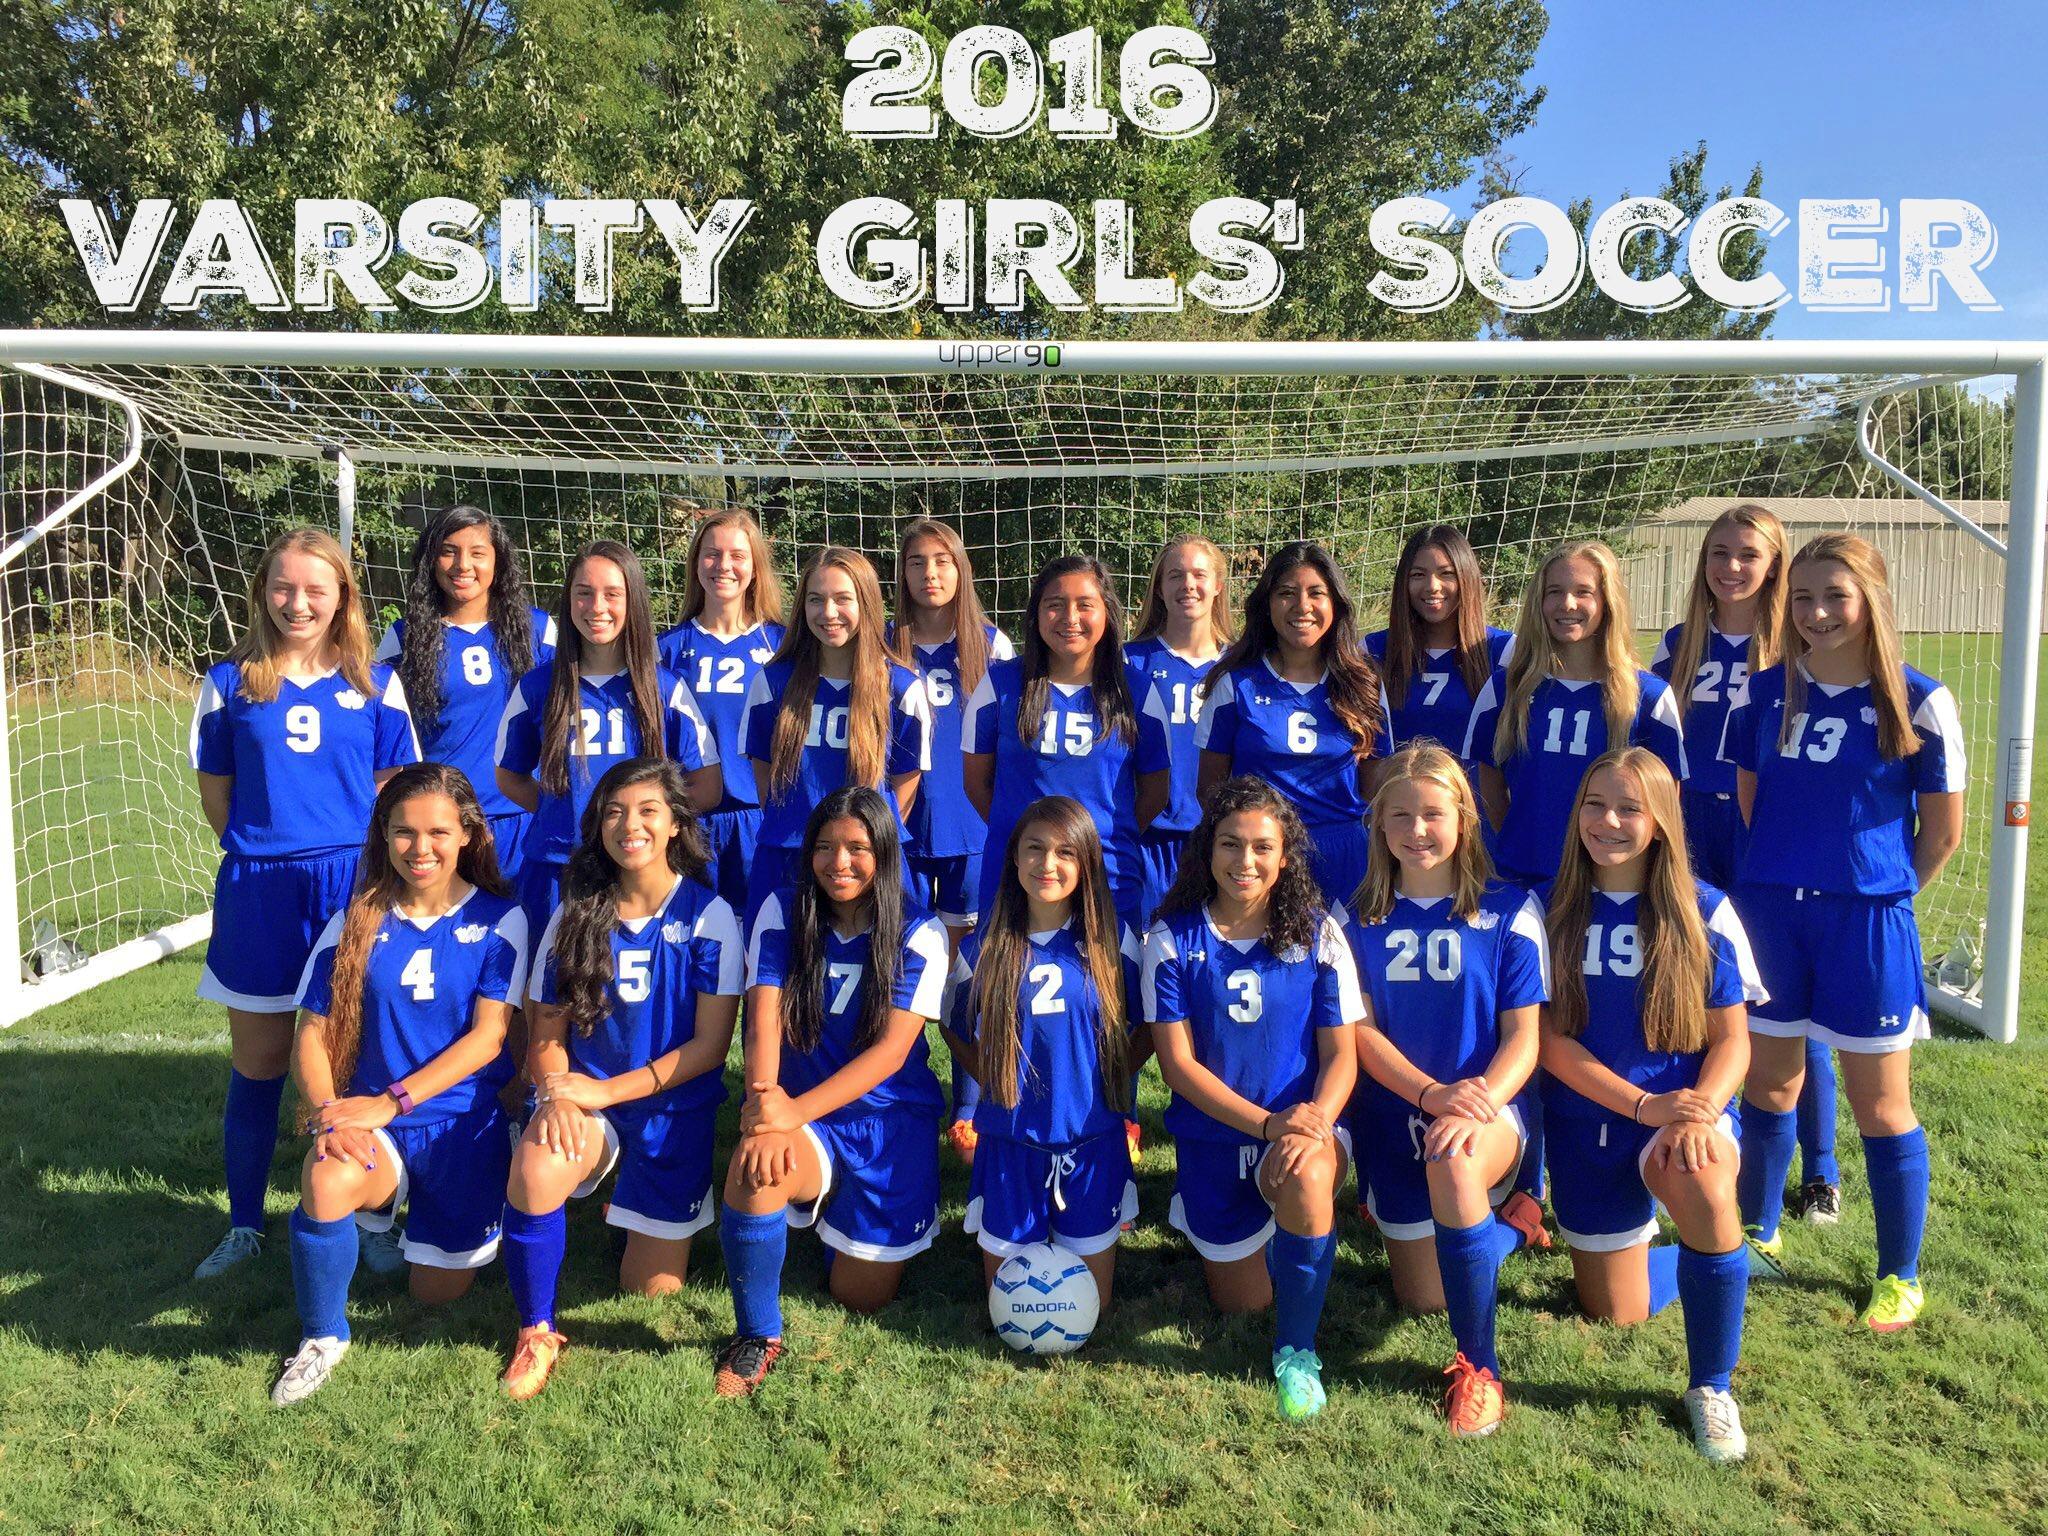 images/athletics/Girls_Soccer/2016_Blue_Devil_Girls_Soccer.jpg